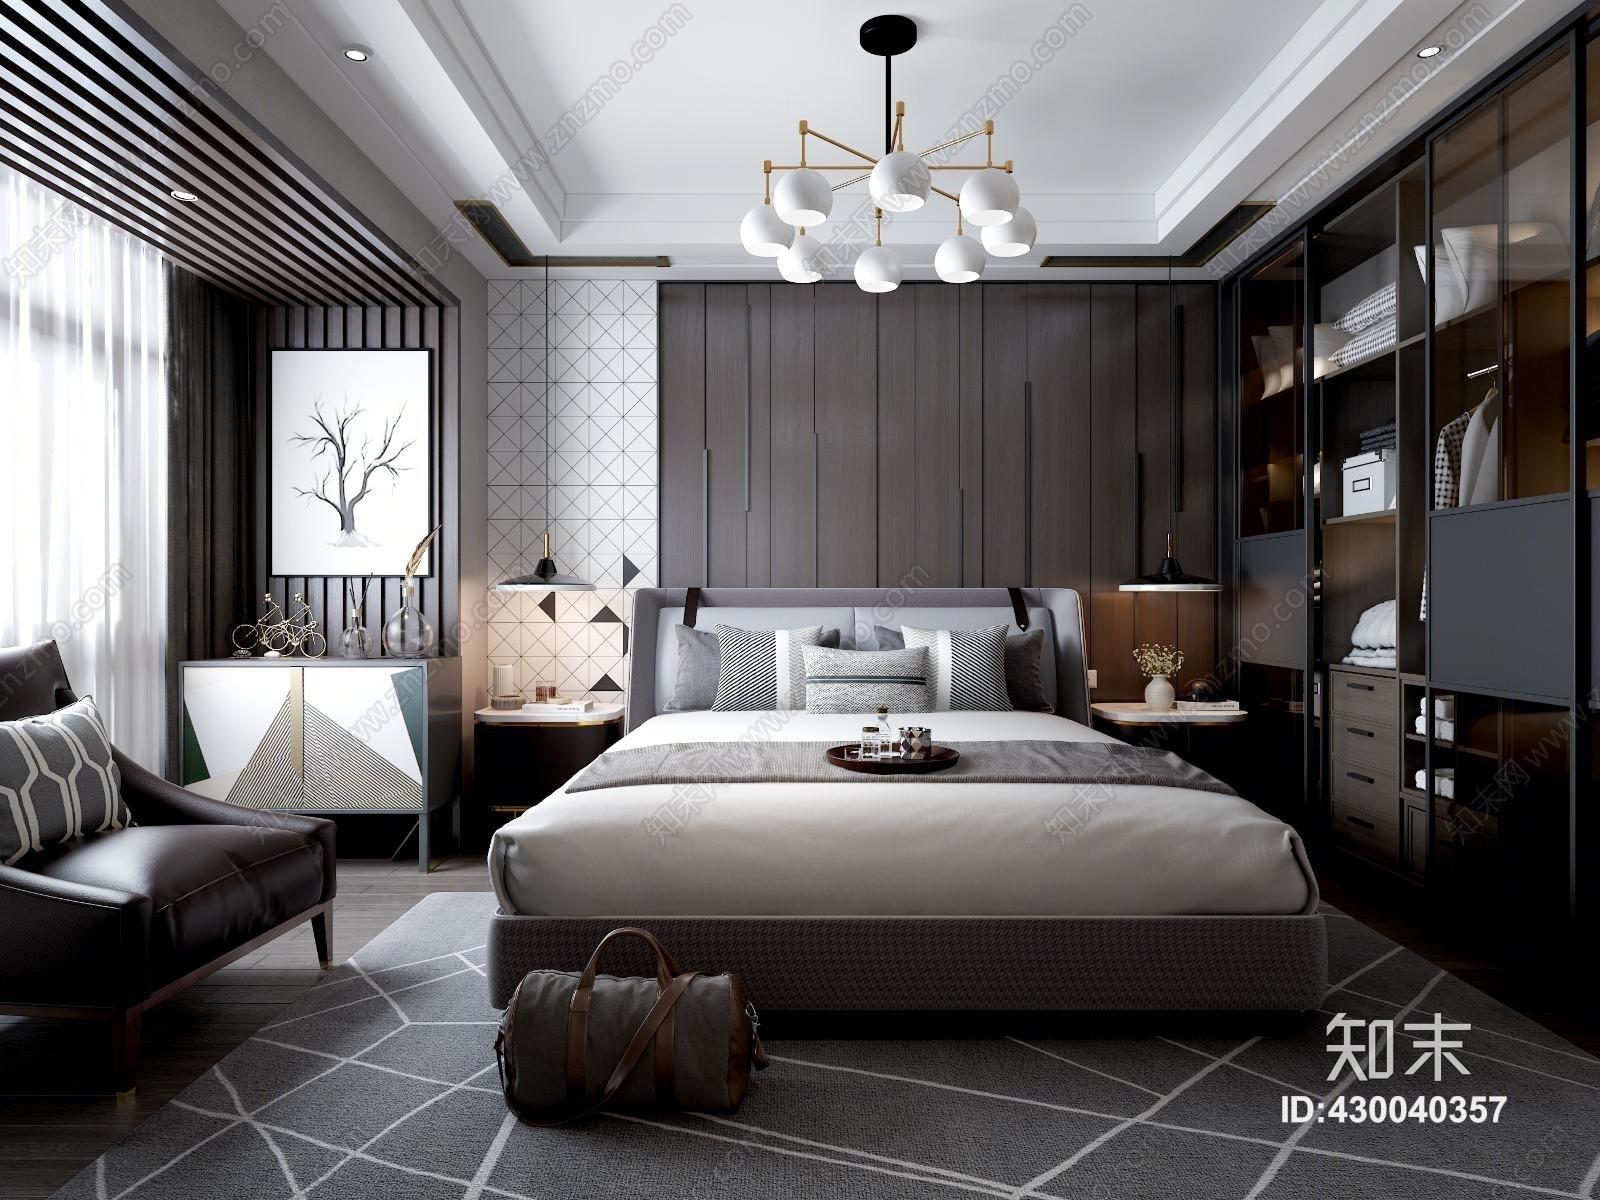 现代后现代主卧室 床 床头柜 吊灯 挂画